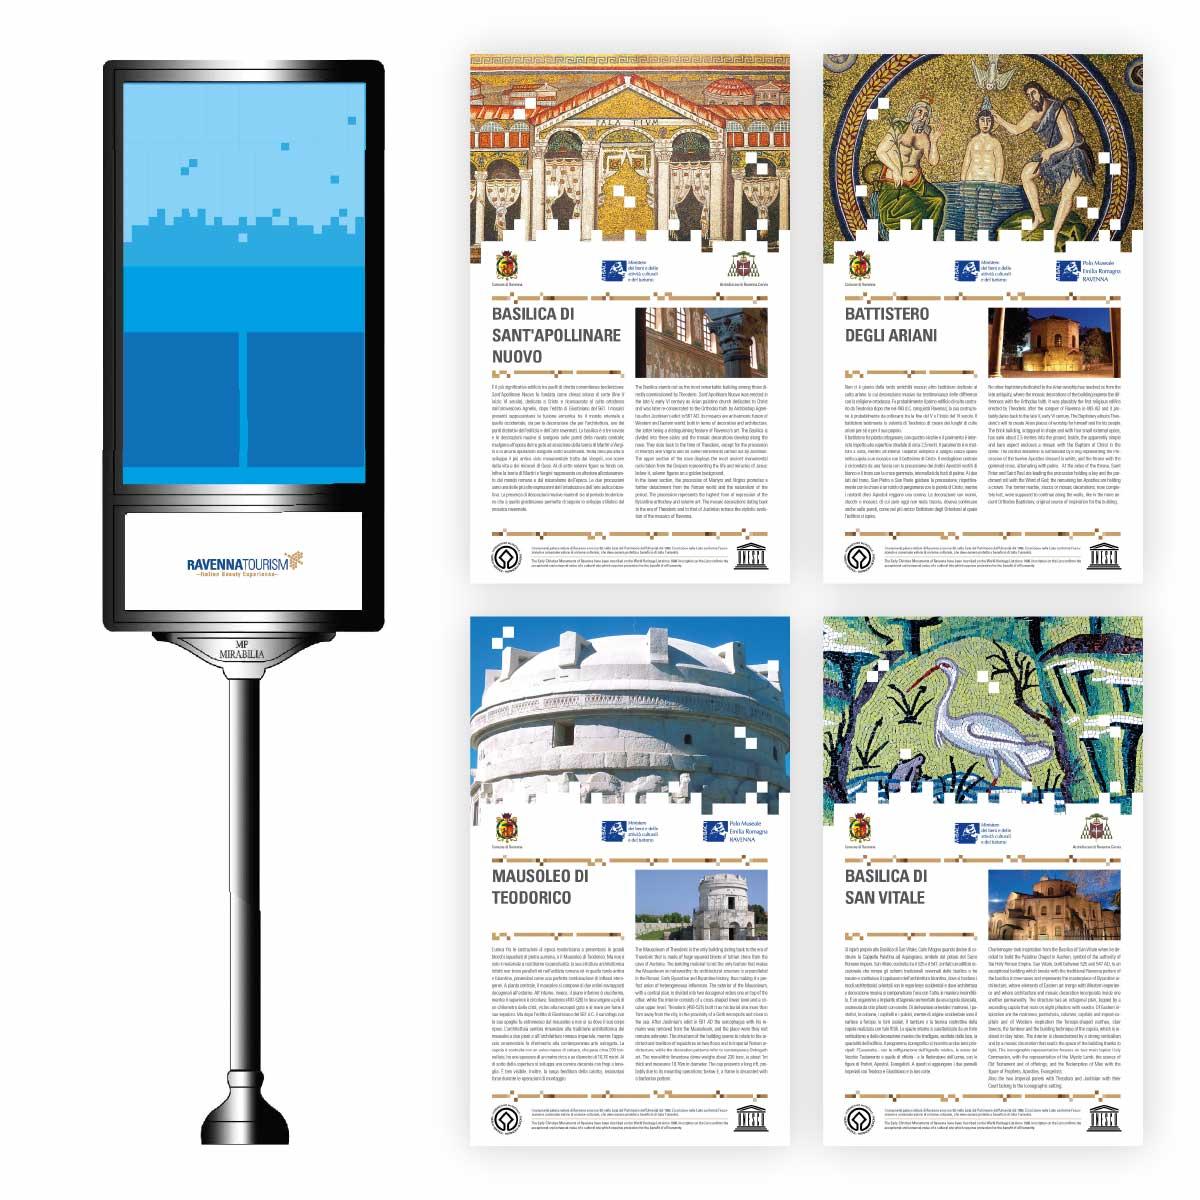 comune-di-ravenna-marketing-turismo-branding-5